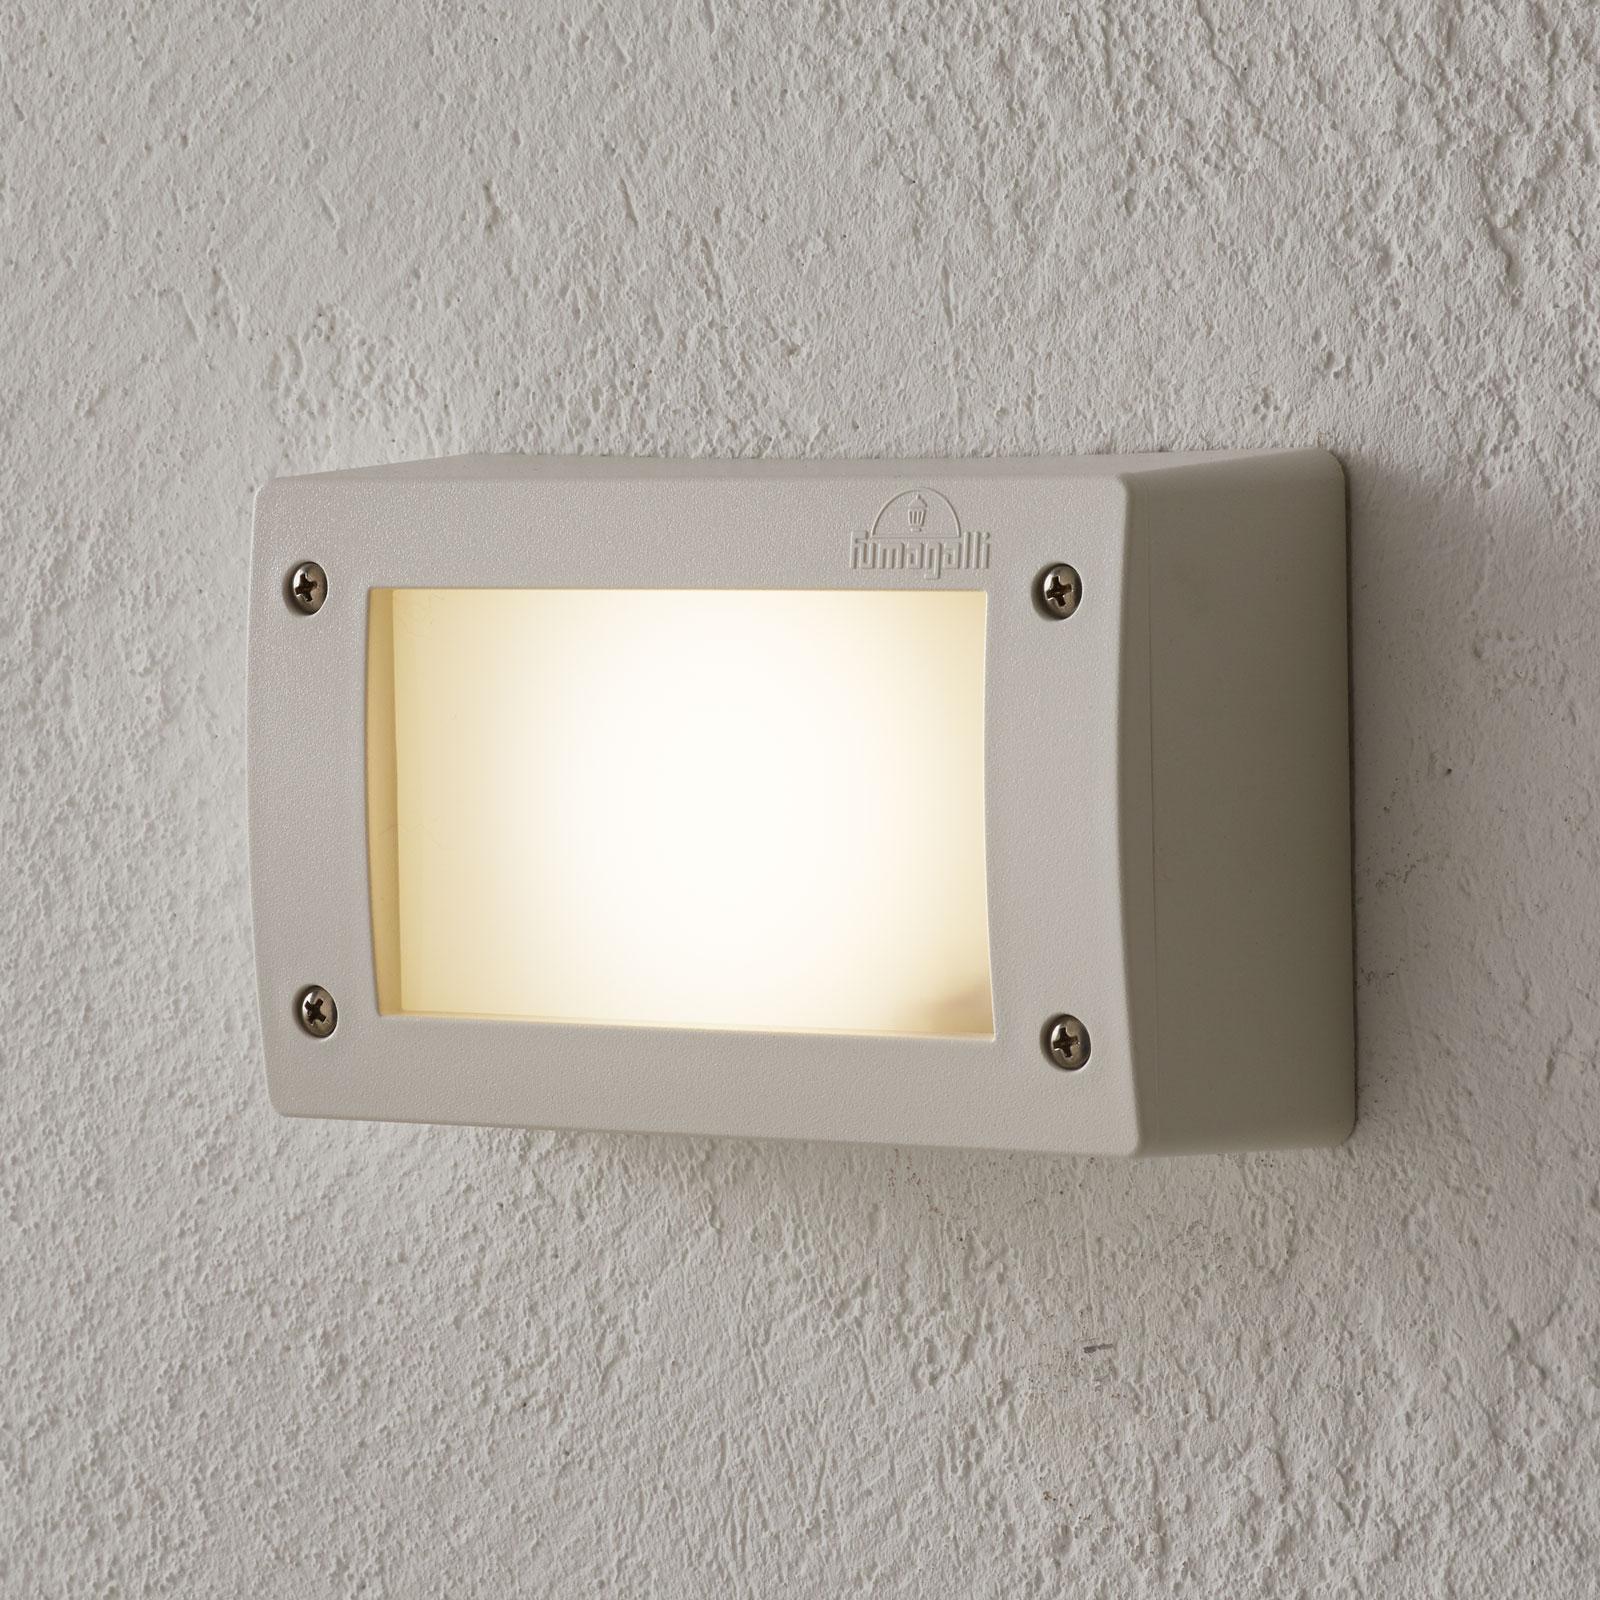 LED-vegglampe Extraleti 200, rektangulær